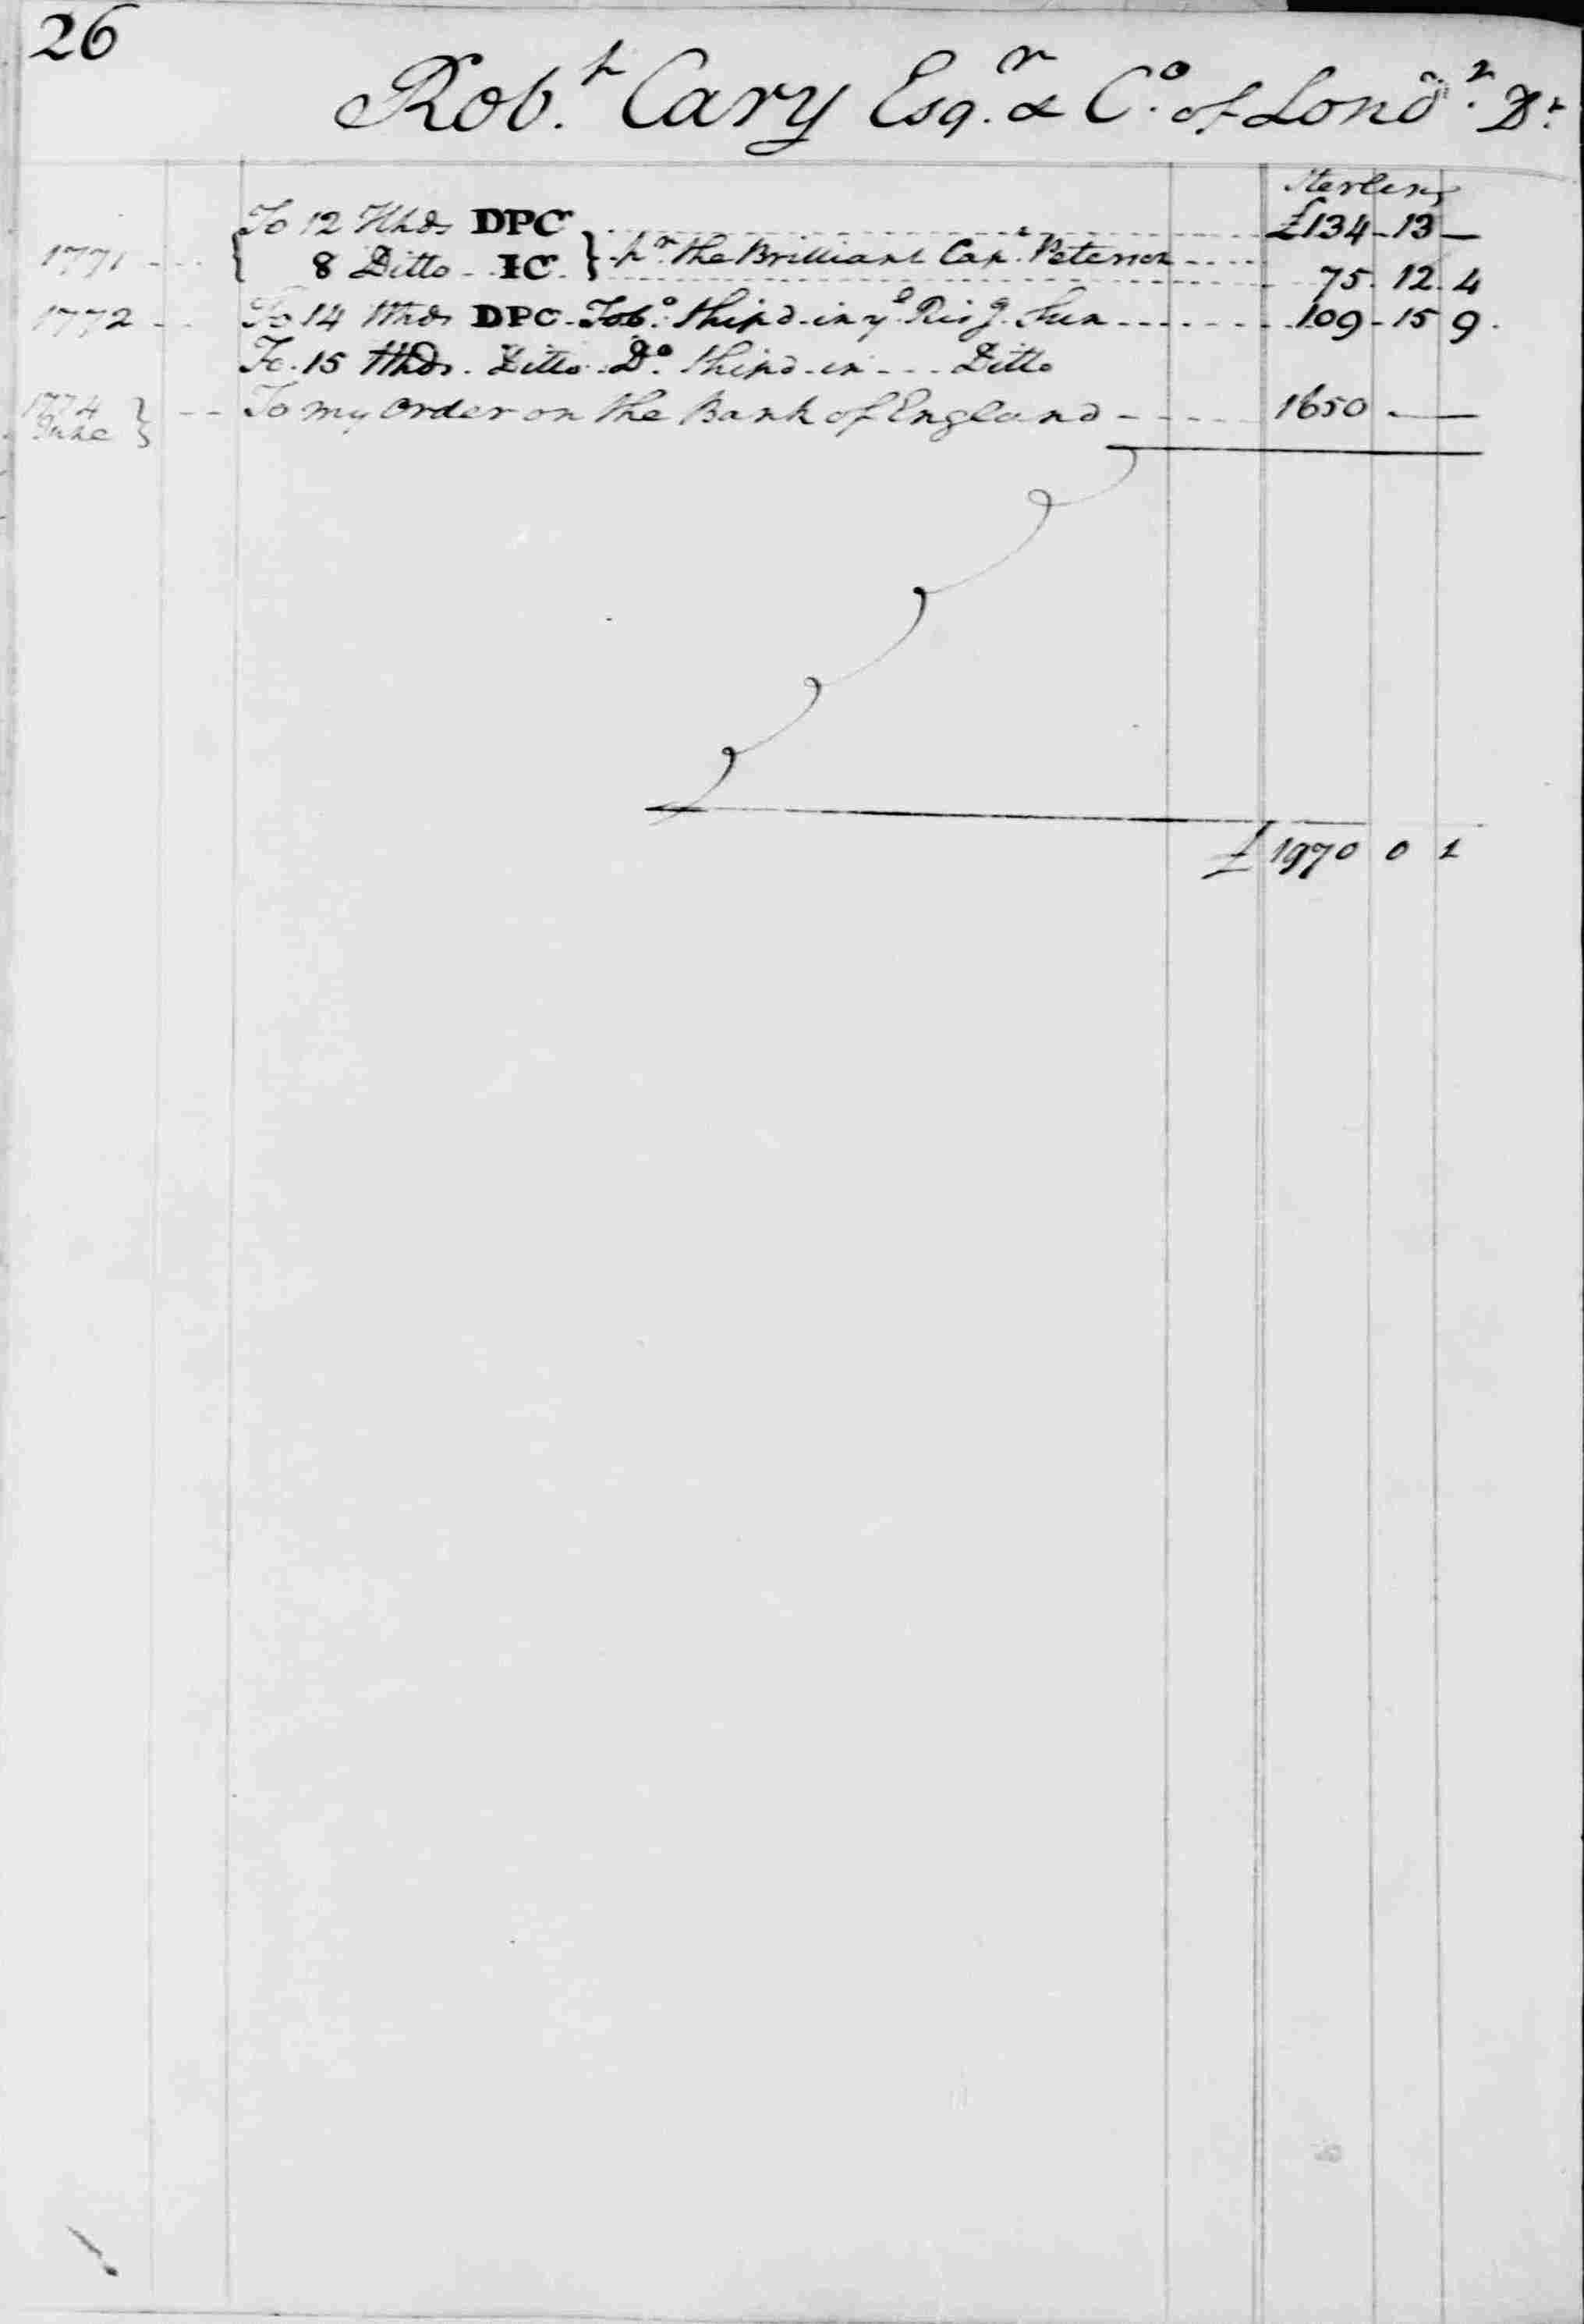 Ledger B, folio 26, left side